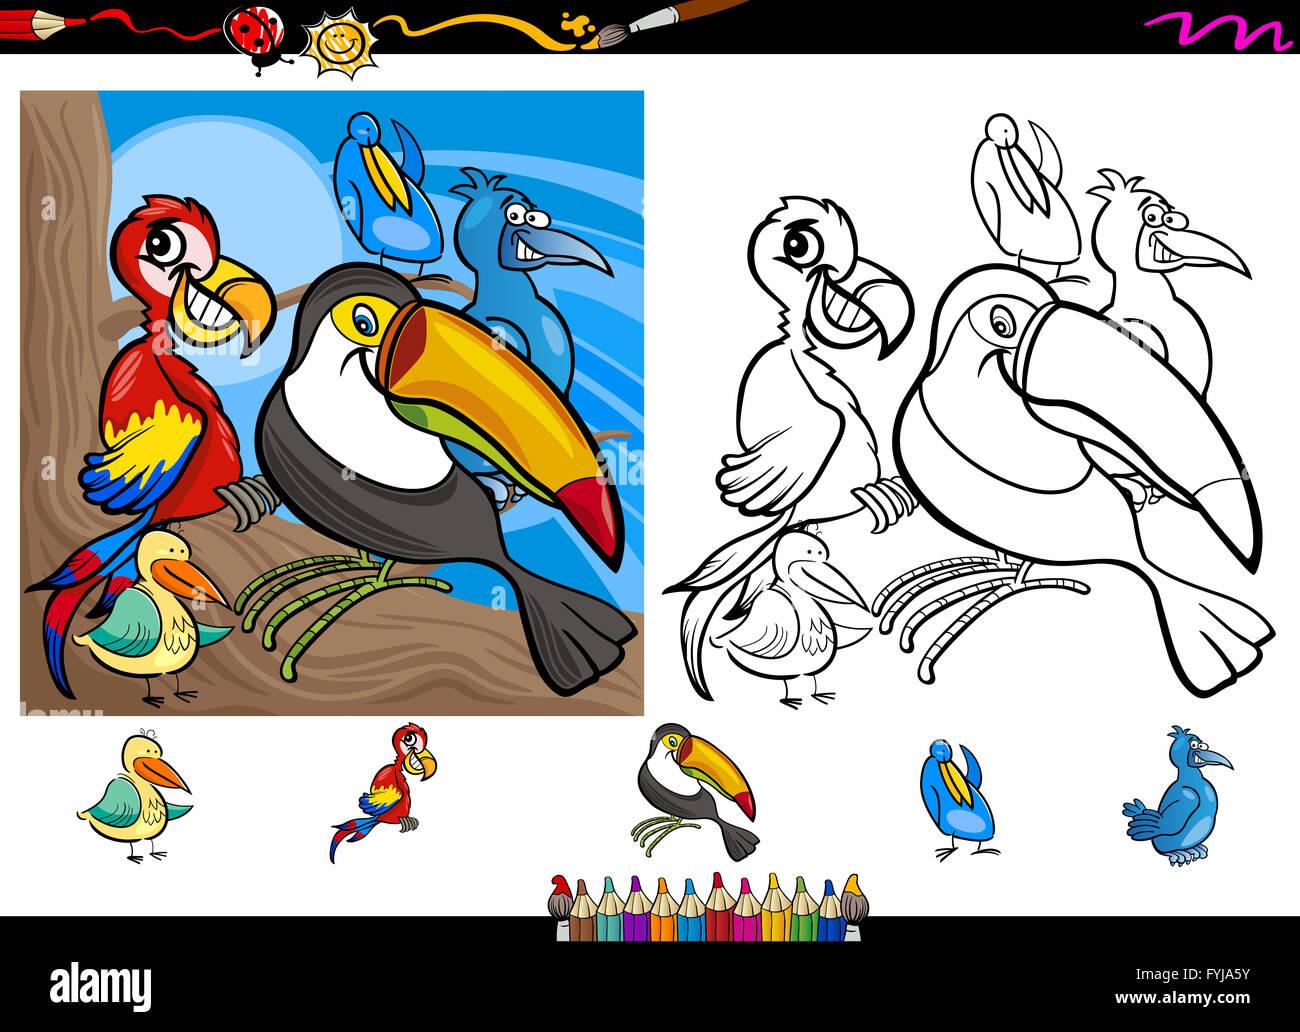 exotische Vögel Cartoon Malvorlagen eingestellt Stockfoto, Bild ...